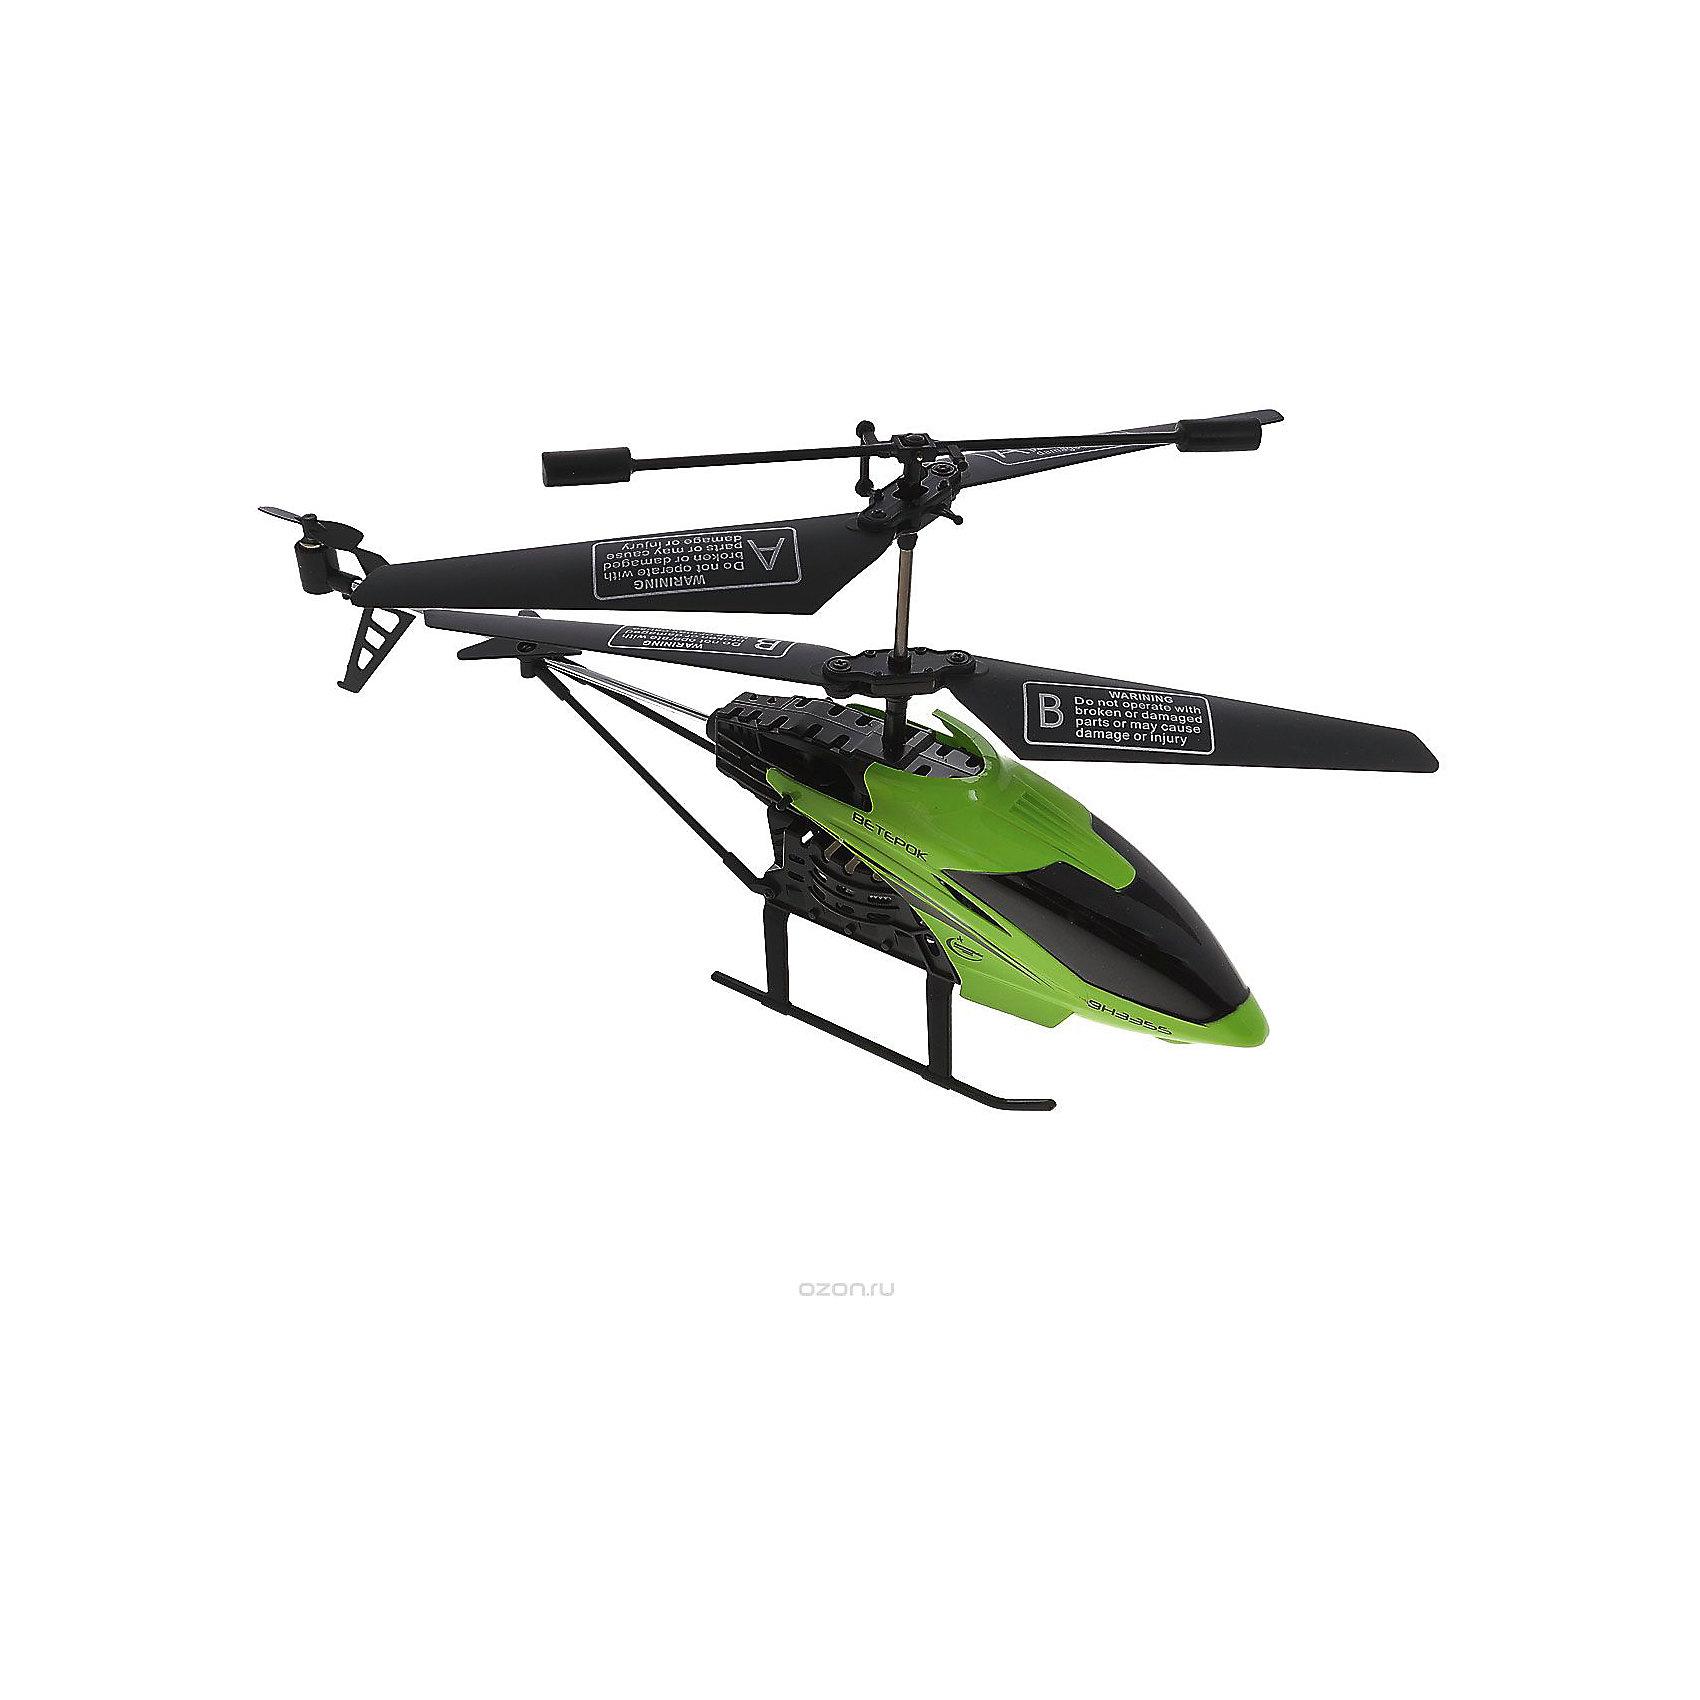 Вертолет на р/у Ветерок, зеленый, Властелин небесРадиоуправляемый транспорт<br>Вертолет на р/у Ветерок, зеленый, Властелин небес<br><br>Характеристики:<br><br>• летает вверх, вниз, влево и вправо<br>• поворачивается, вращается и зависает в воздухе<br>• яркий прожектор<br>• встроенный гироскоп<br>• устойчив к повреждениям<br>• время игры: 7 минут<br>• время зарядки: 30 минут<br>• размер игрушки: 23х5х12 см<br>• размер пульта: 13х11х5 см<br>• радиус действия: 10 метров<br>• в комплекте: вертолет, пульт управления, зарядное устройство, инструкция<br>• батарейки: АА - 6 шт. (не входят в комплект)<br>• размер упаковки: 44х17х8 см<br>• вес: 540 грамм<br>• цвет: зеленый<br><br>Вертолет Ветерок - прекрасный подарок для детей и взрослый. Вертолет управляется с помощью пульта и умеет летать вправо, влево, вверх и вниз. Ветерок разворачивается, вращается, а благодаря встроенному гироскопу, парит в воздухе. Прочная конструкция защищает игрушку от повреждений при случайных падениях. Яркий светящийся прожектор освещает путь вертолета в темноте. Выглядит это очень завораживающе! Время работы игрушки при полной зарядке около 10 минут. Зарядите вертолет в течение получайся и наслаждайтесь прекрасным 3D полетом Ветерка!<br>Для работы необходимы 6 батареек АА (не входят в комплект).<br><br>Вертолет на р/у Ветерок, зеленый, Властелин небес вы можете купить в нашем интернет-магазине.<br><br>Ширина мм: 75<br>Глубина мм: 430<br>Высота мм: 170<br>Вес г: 575<br>Возраст от месяцев: 144<br>Возраст до месяцев: 2147483647<br>Пол: Мужской<br>Возраст: Детский<br>SKU: 5397102